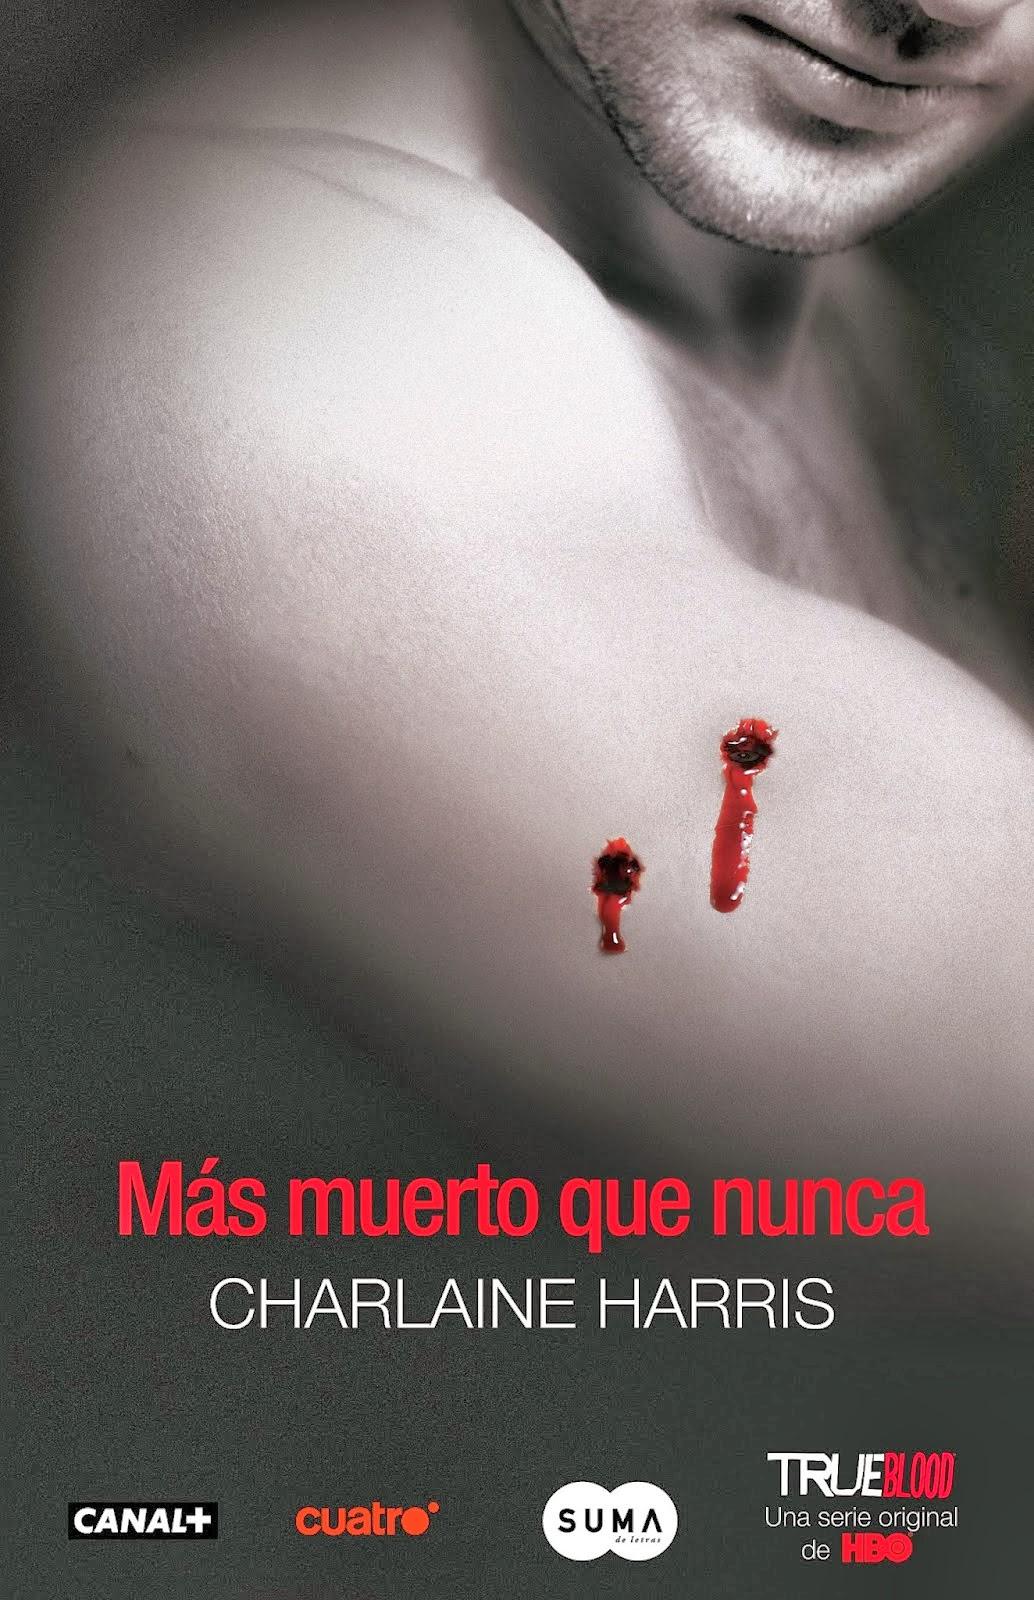 http://labibliotecadebella.blogspot.com.es/2014/02/charline-harris-mas-muerto-que-nunca.html